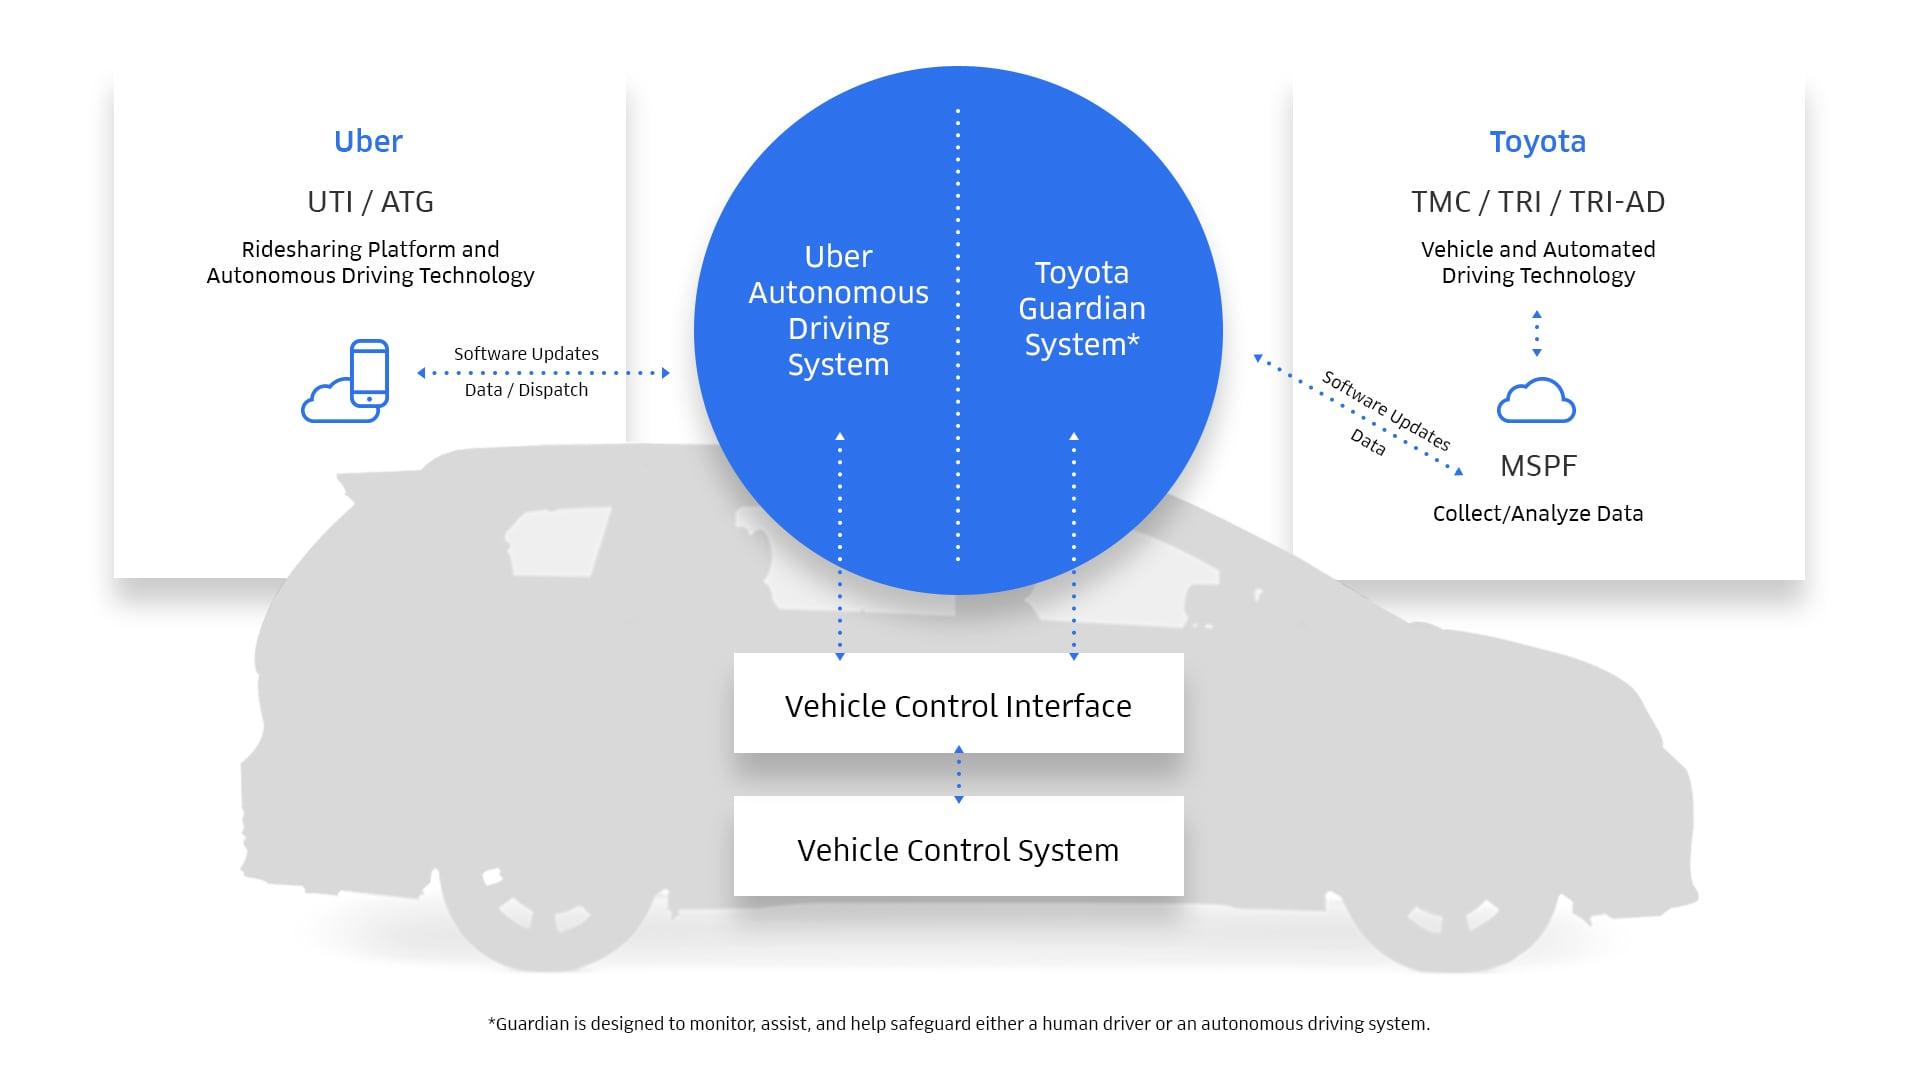 Le partage des compétences entre Uber et Toyota